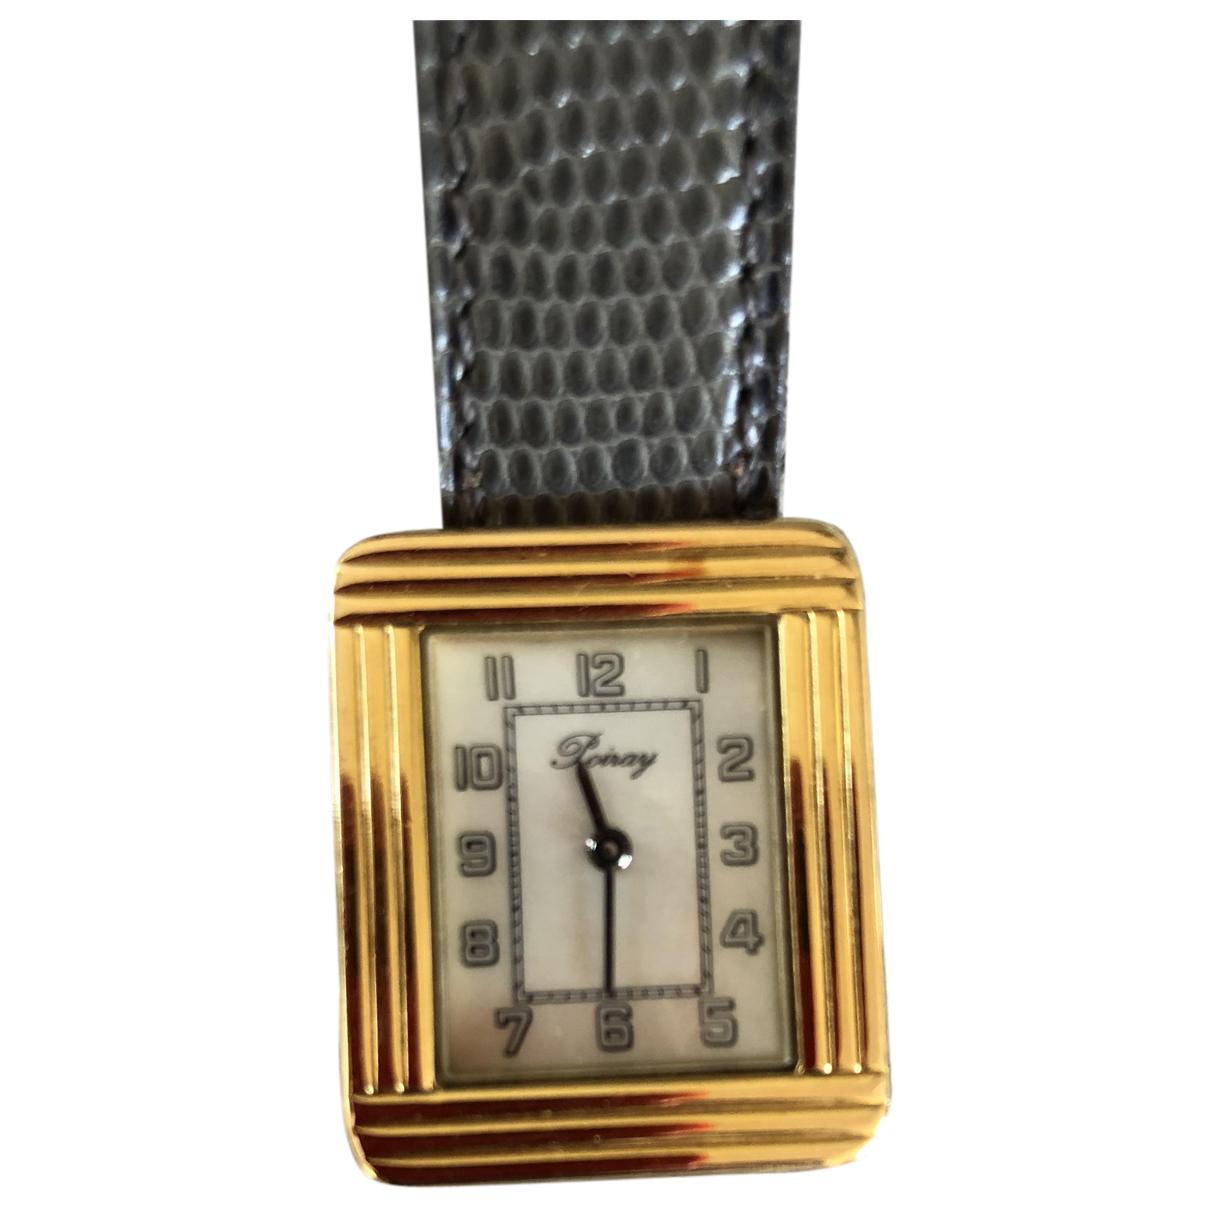 Poiray Ma Premiere Grand Modele Uhr in  Gold Gold und Stahl